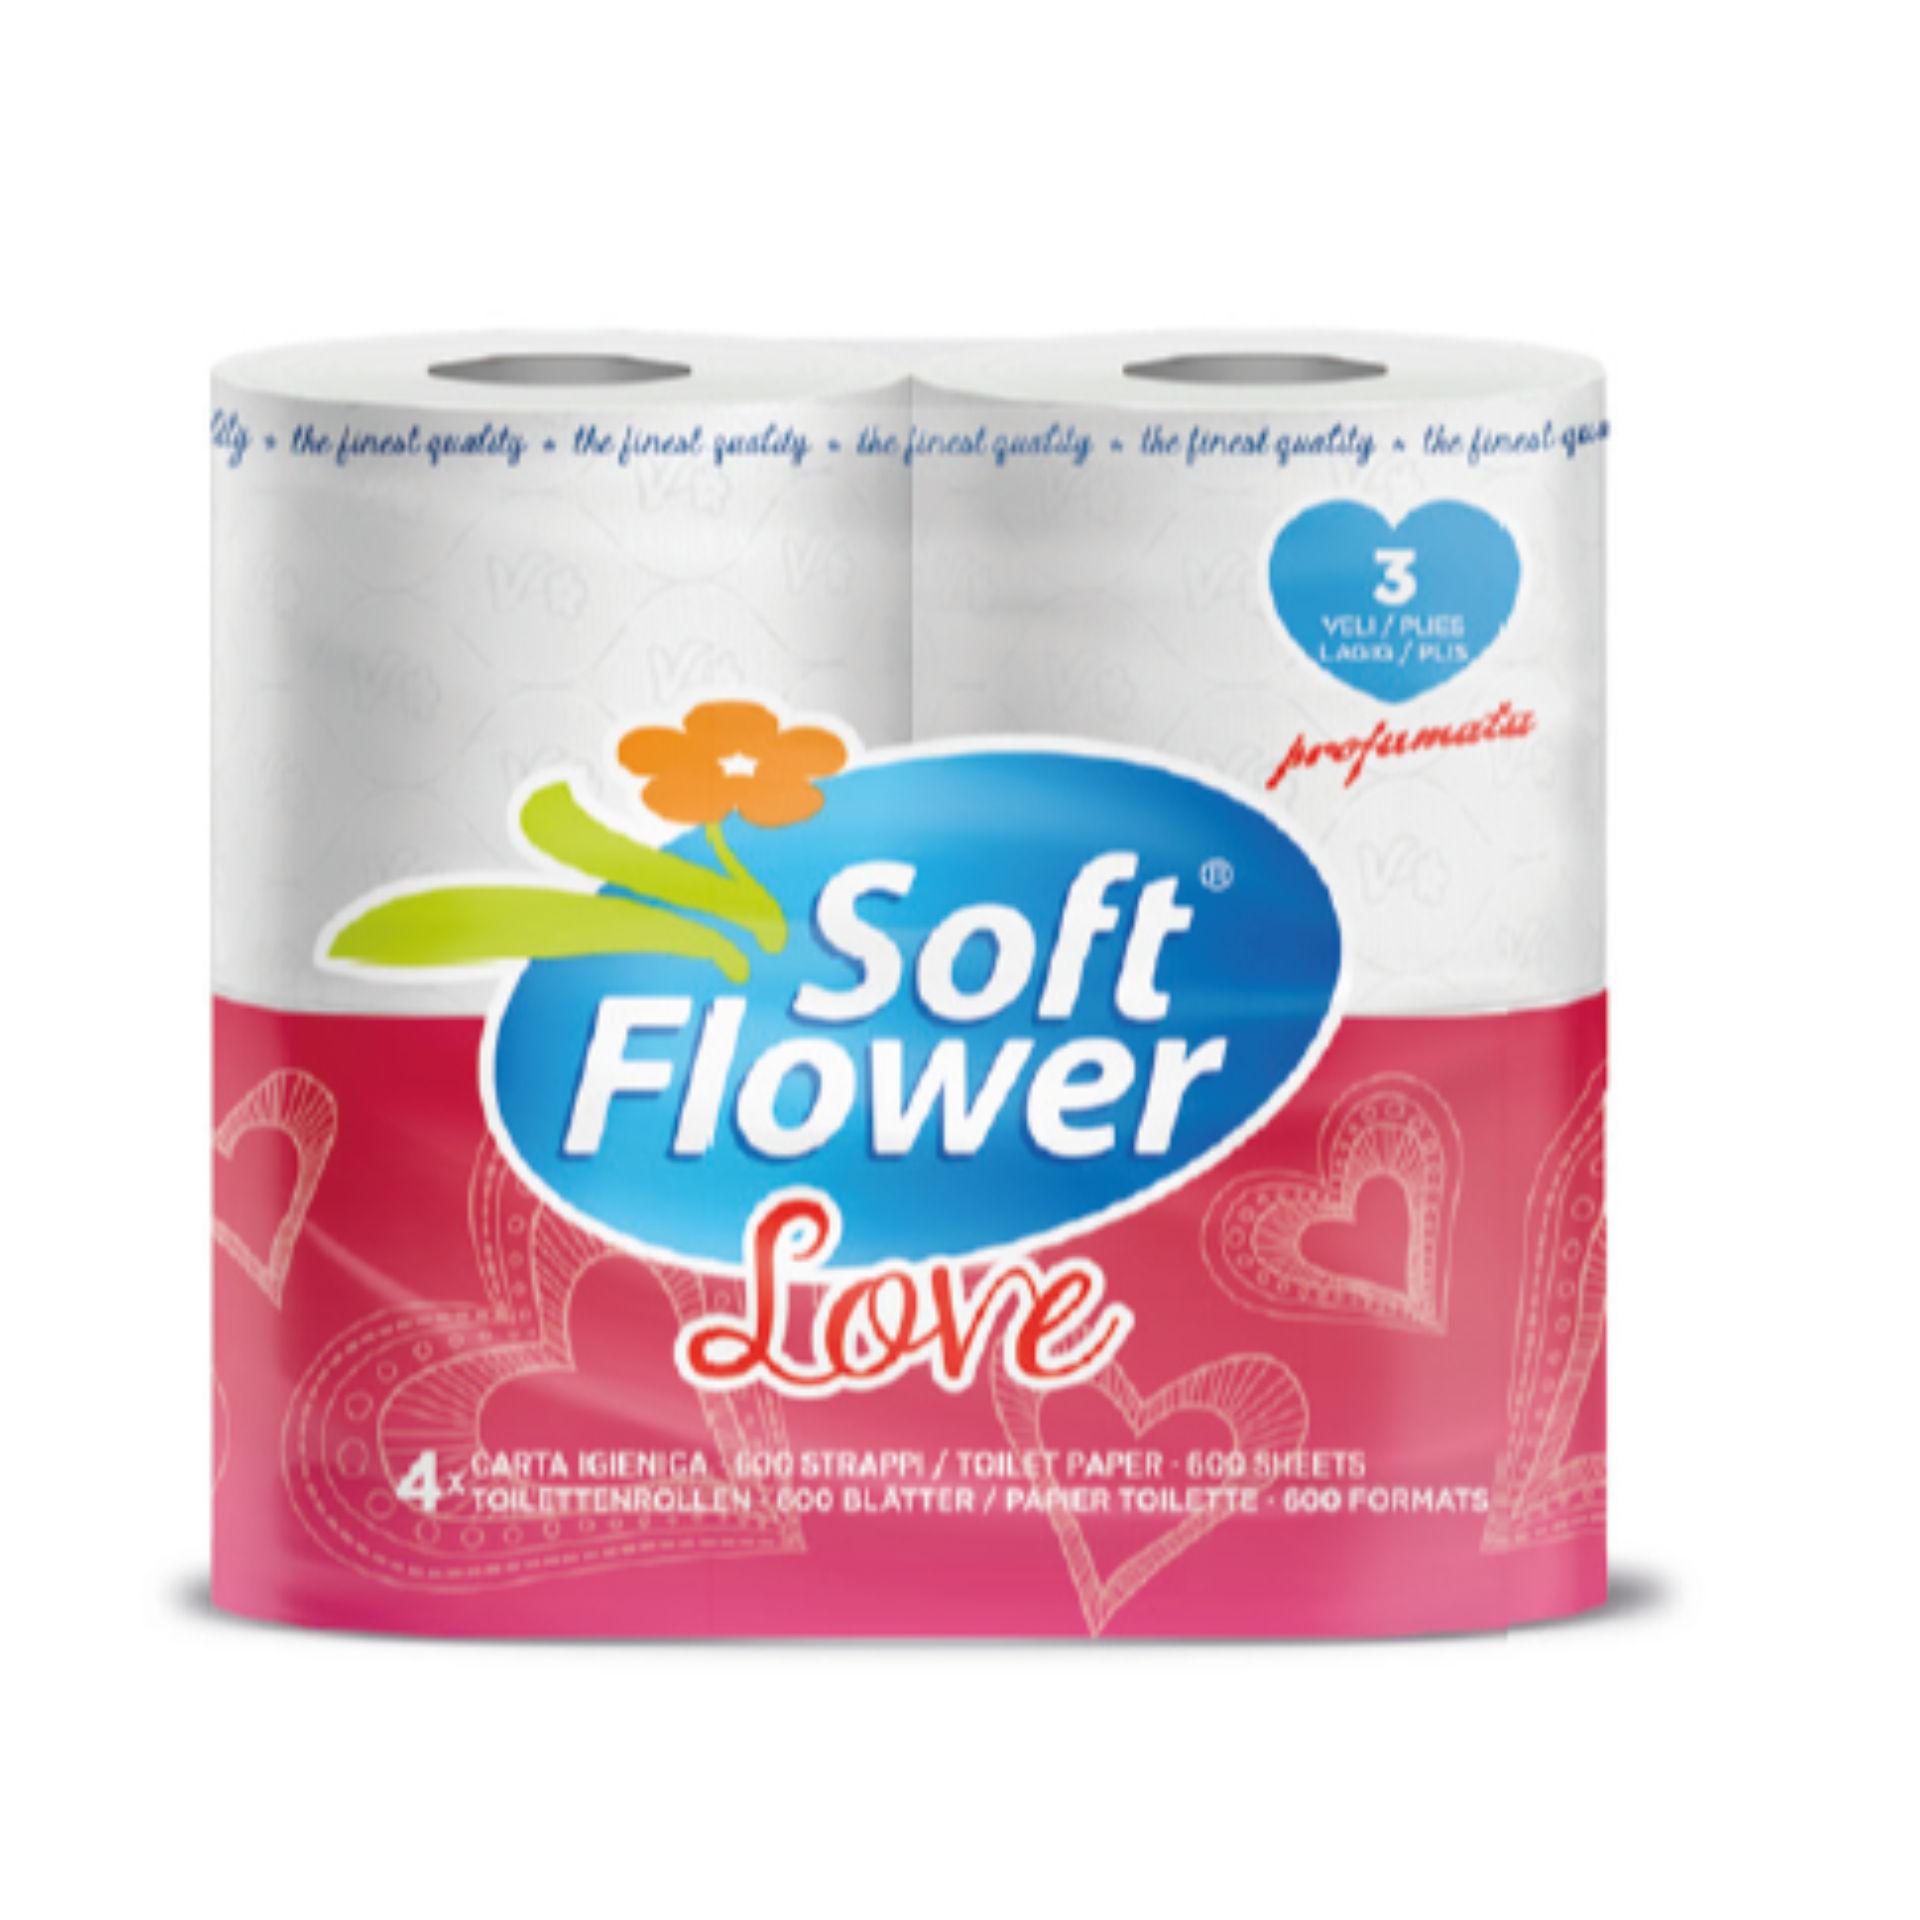 IGIENICA 4 ROTOLI 3 VELI  EXTRASOFT  SOFT FLOWER L